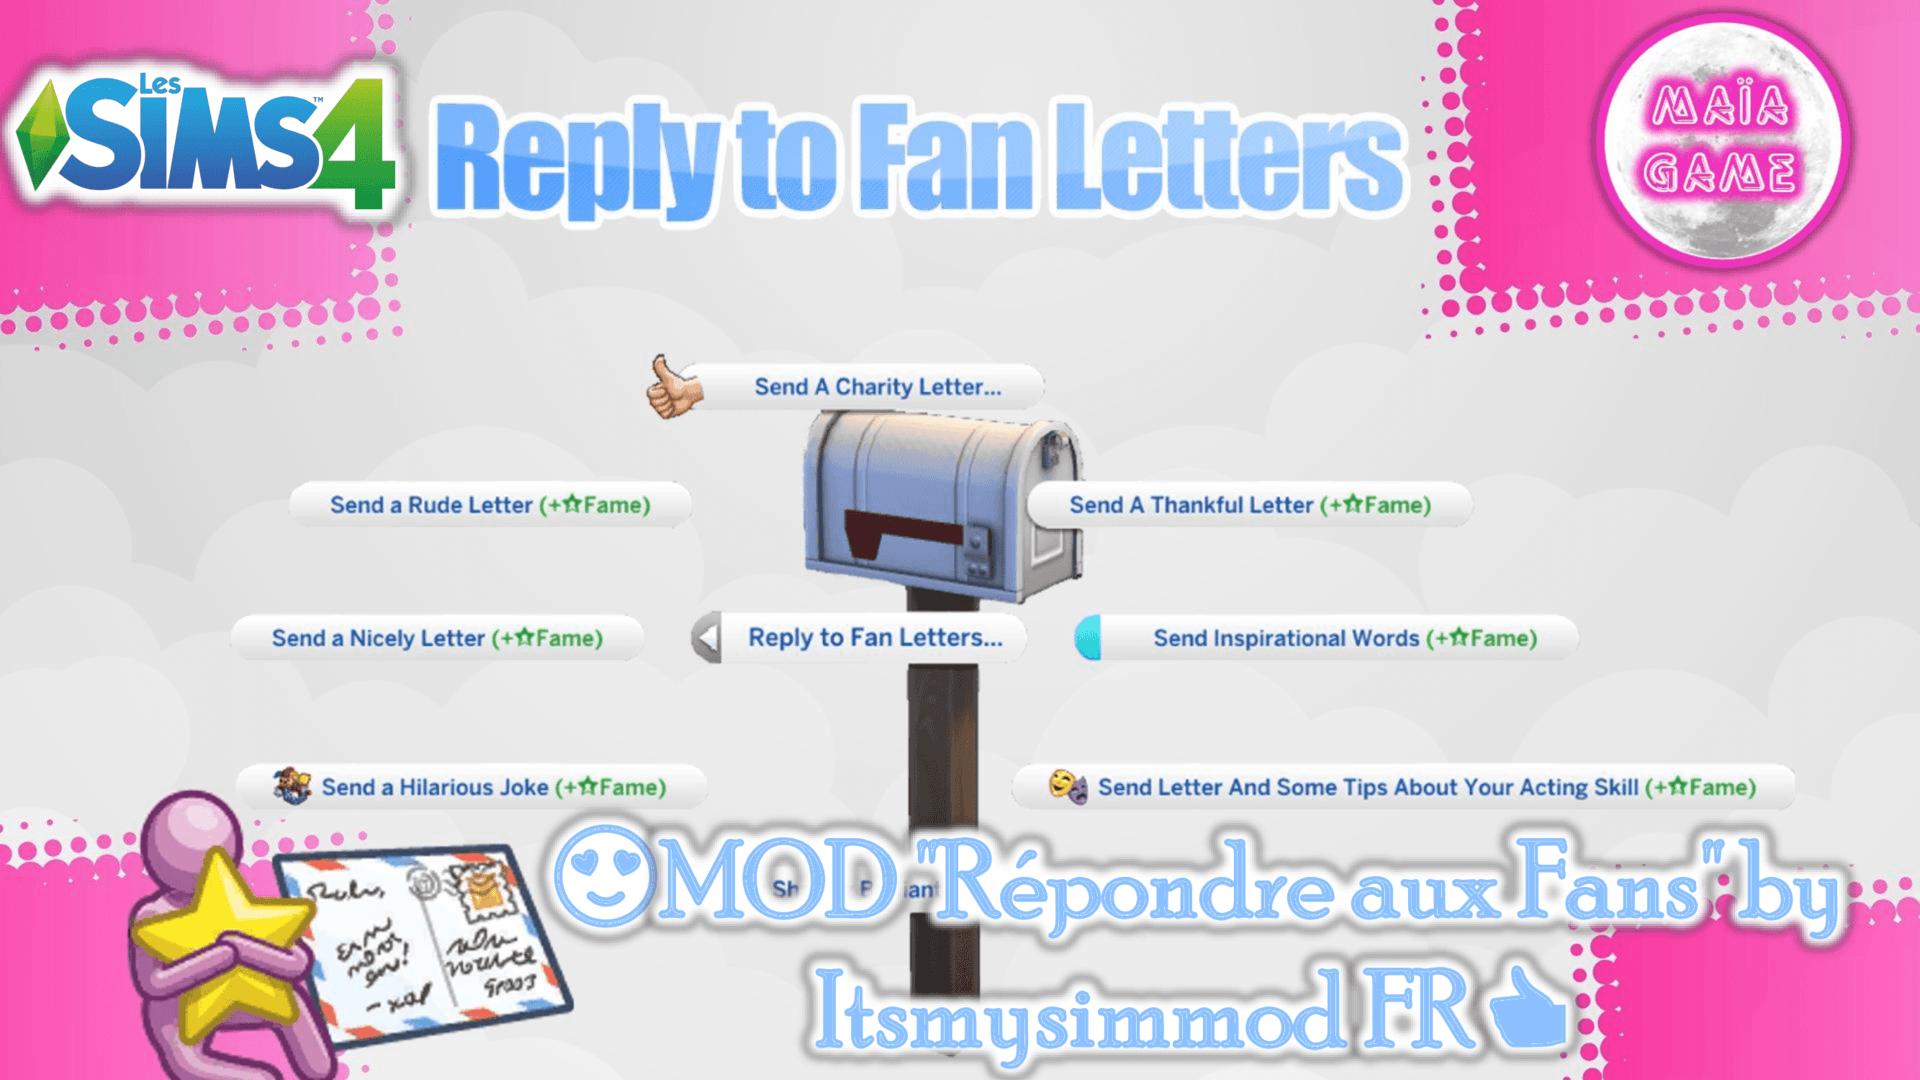 Mod Répondre aux fans Sims 4